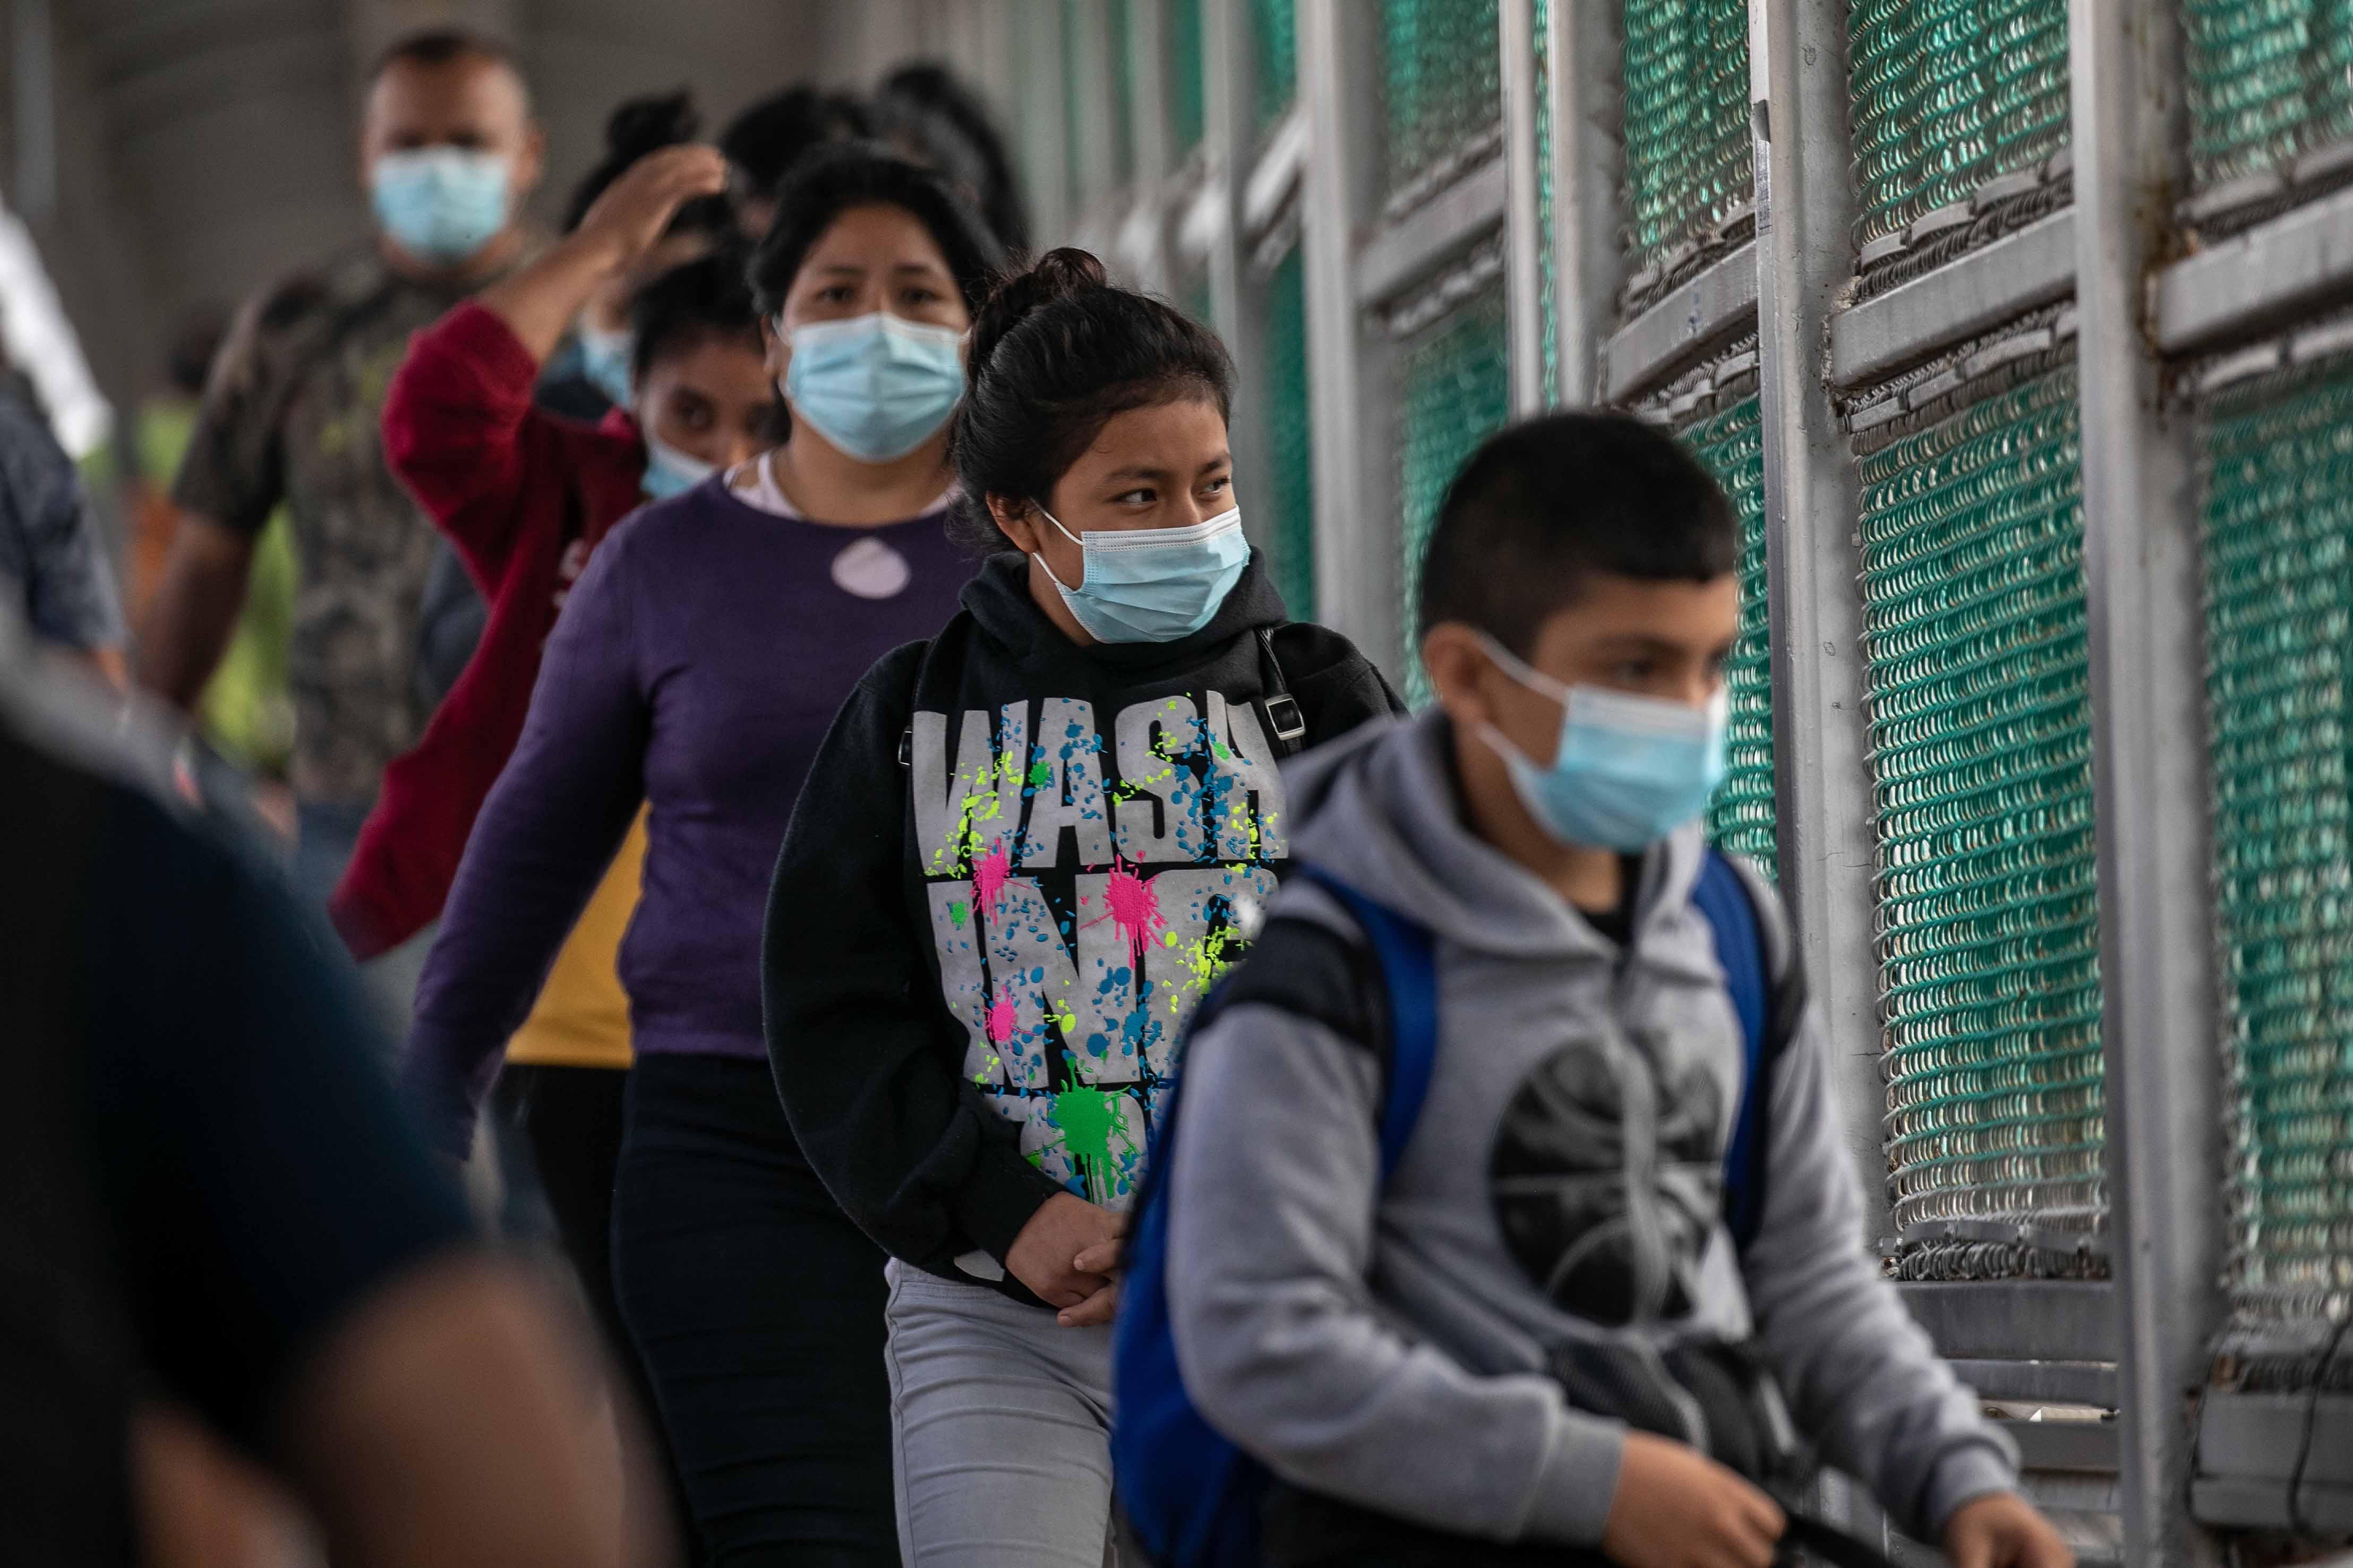 Deportees walk across a U.S.-Mexico border bridge from Texas into Mexico in Matamoros, Mexico.